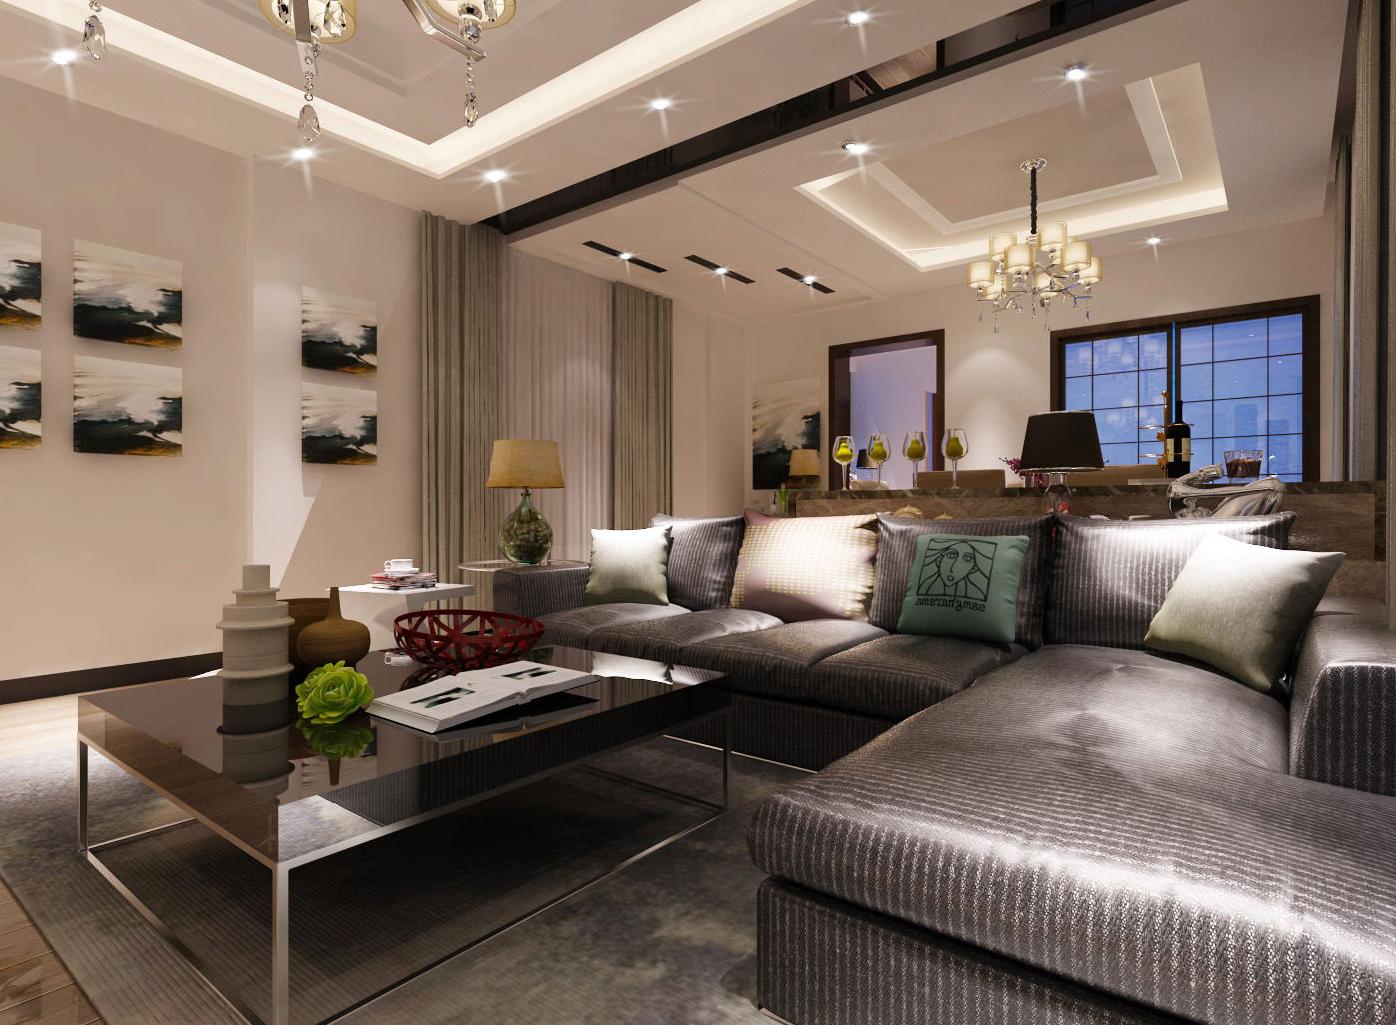 沙发的选择根据主人的喜好,设计为冷色系,和整体的家装相结合!